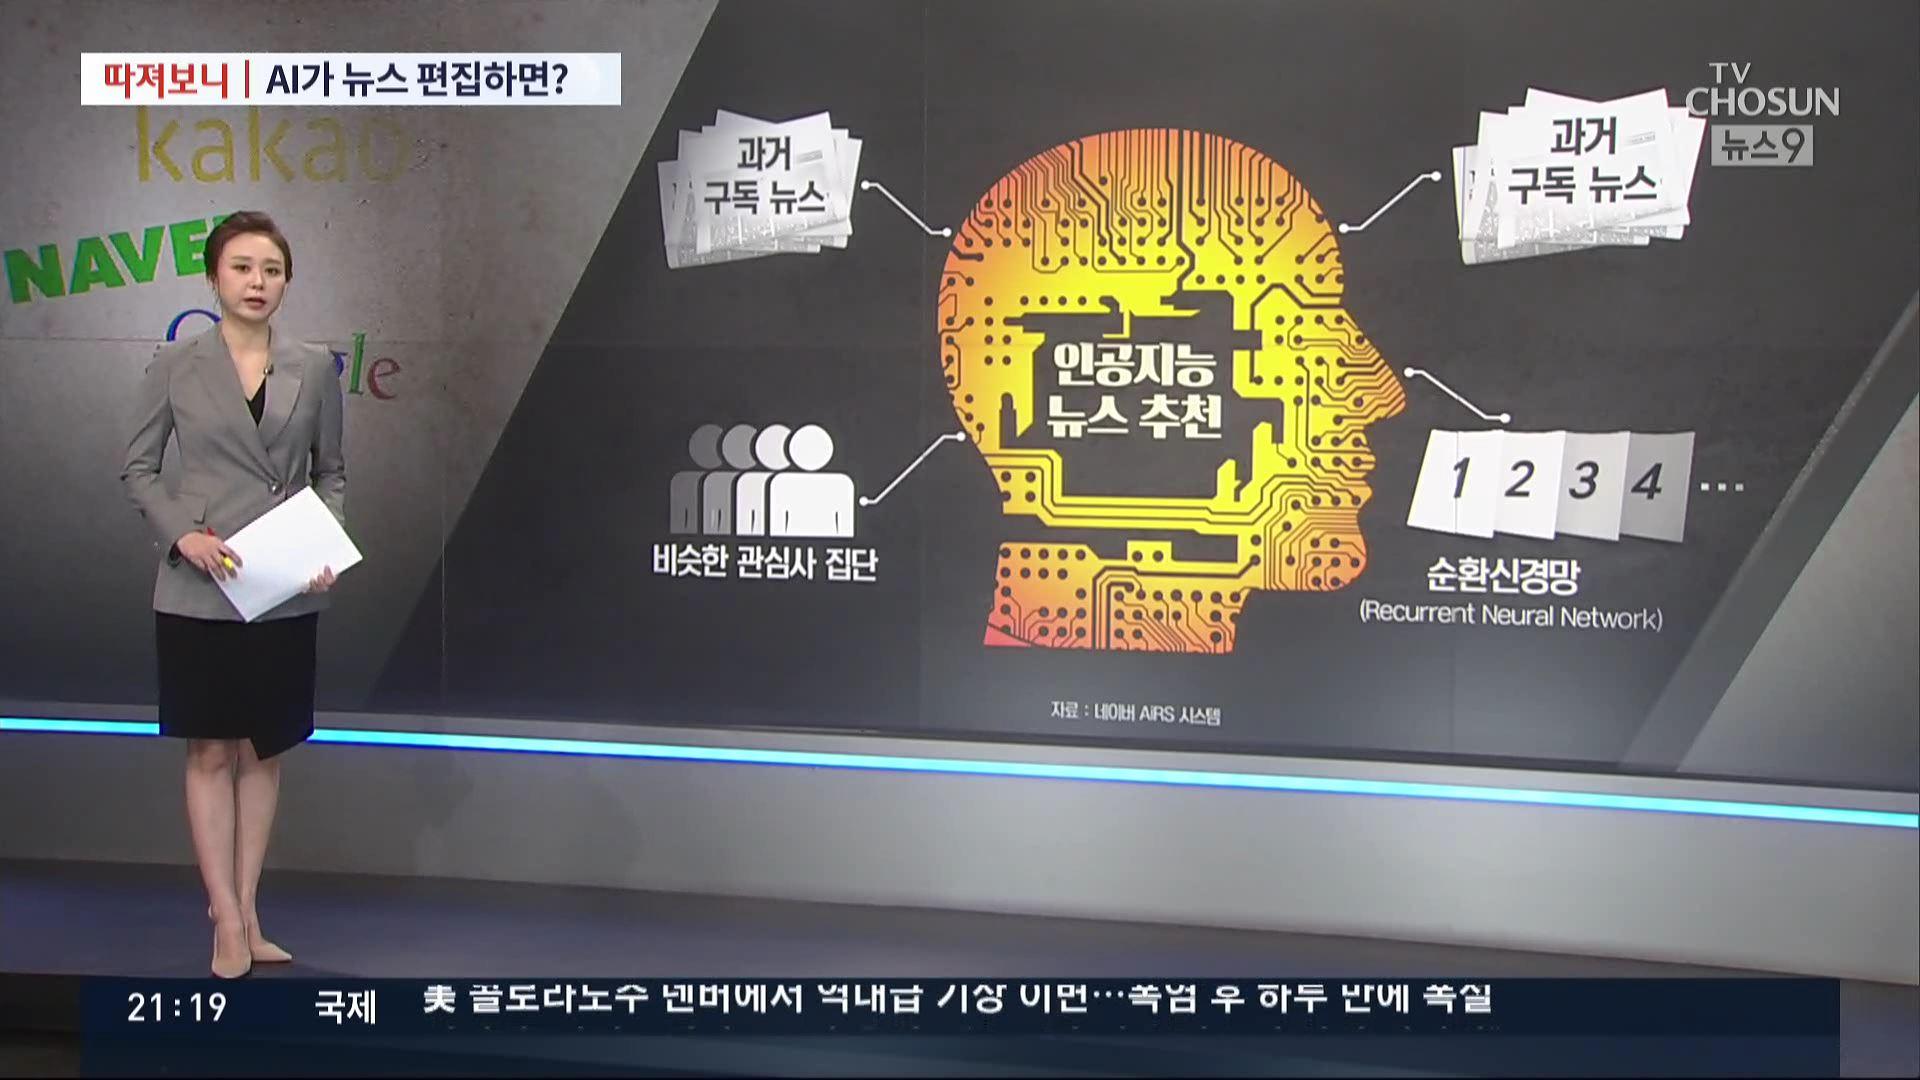 [따져보니] 'AI 포털뉴스 편집' 어떻길래